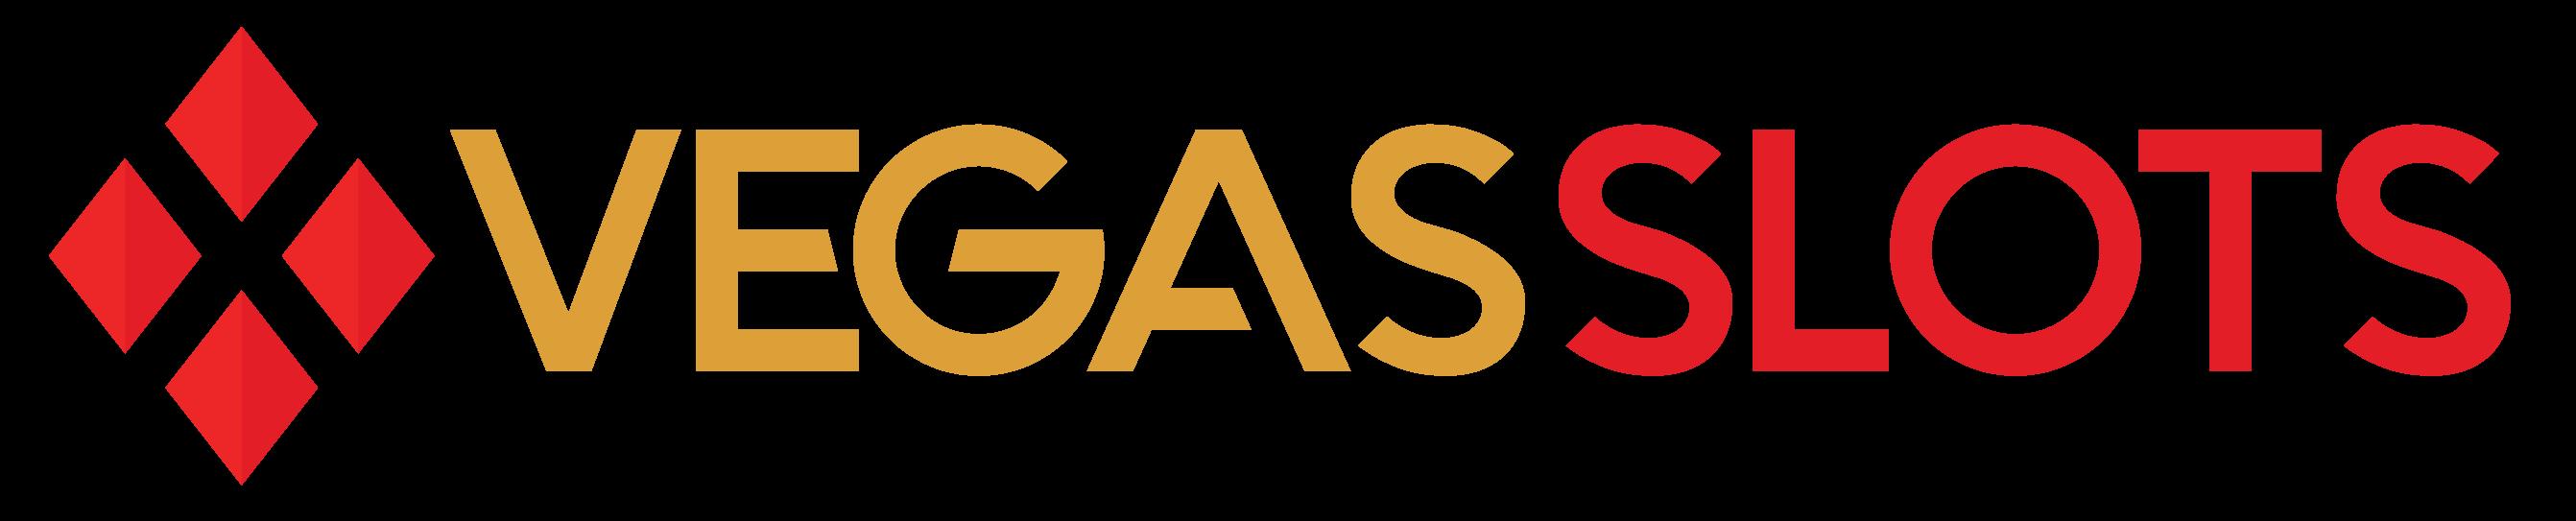 Vegasslots.com.br